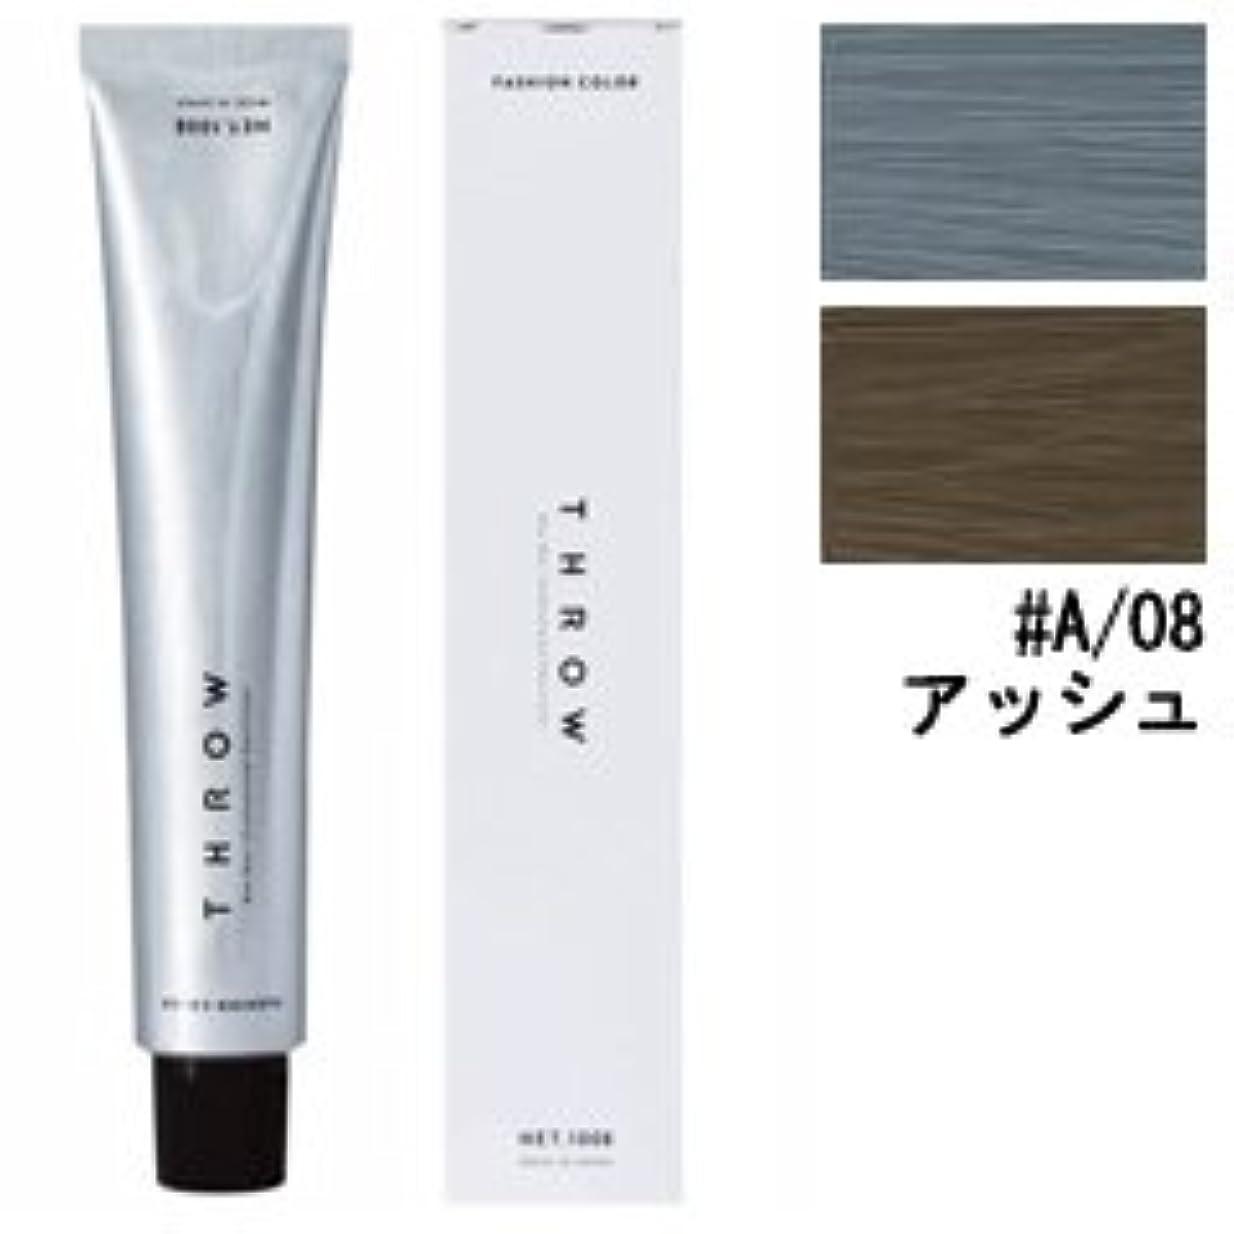 コマースタフエール【モルトベーネ】スロウ ファッションカラー #A/08 アッシュ 100g